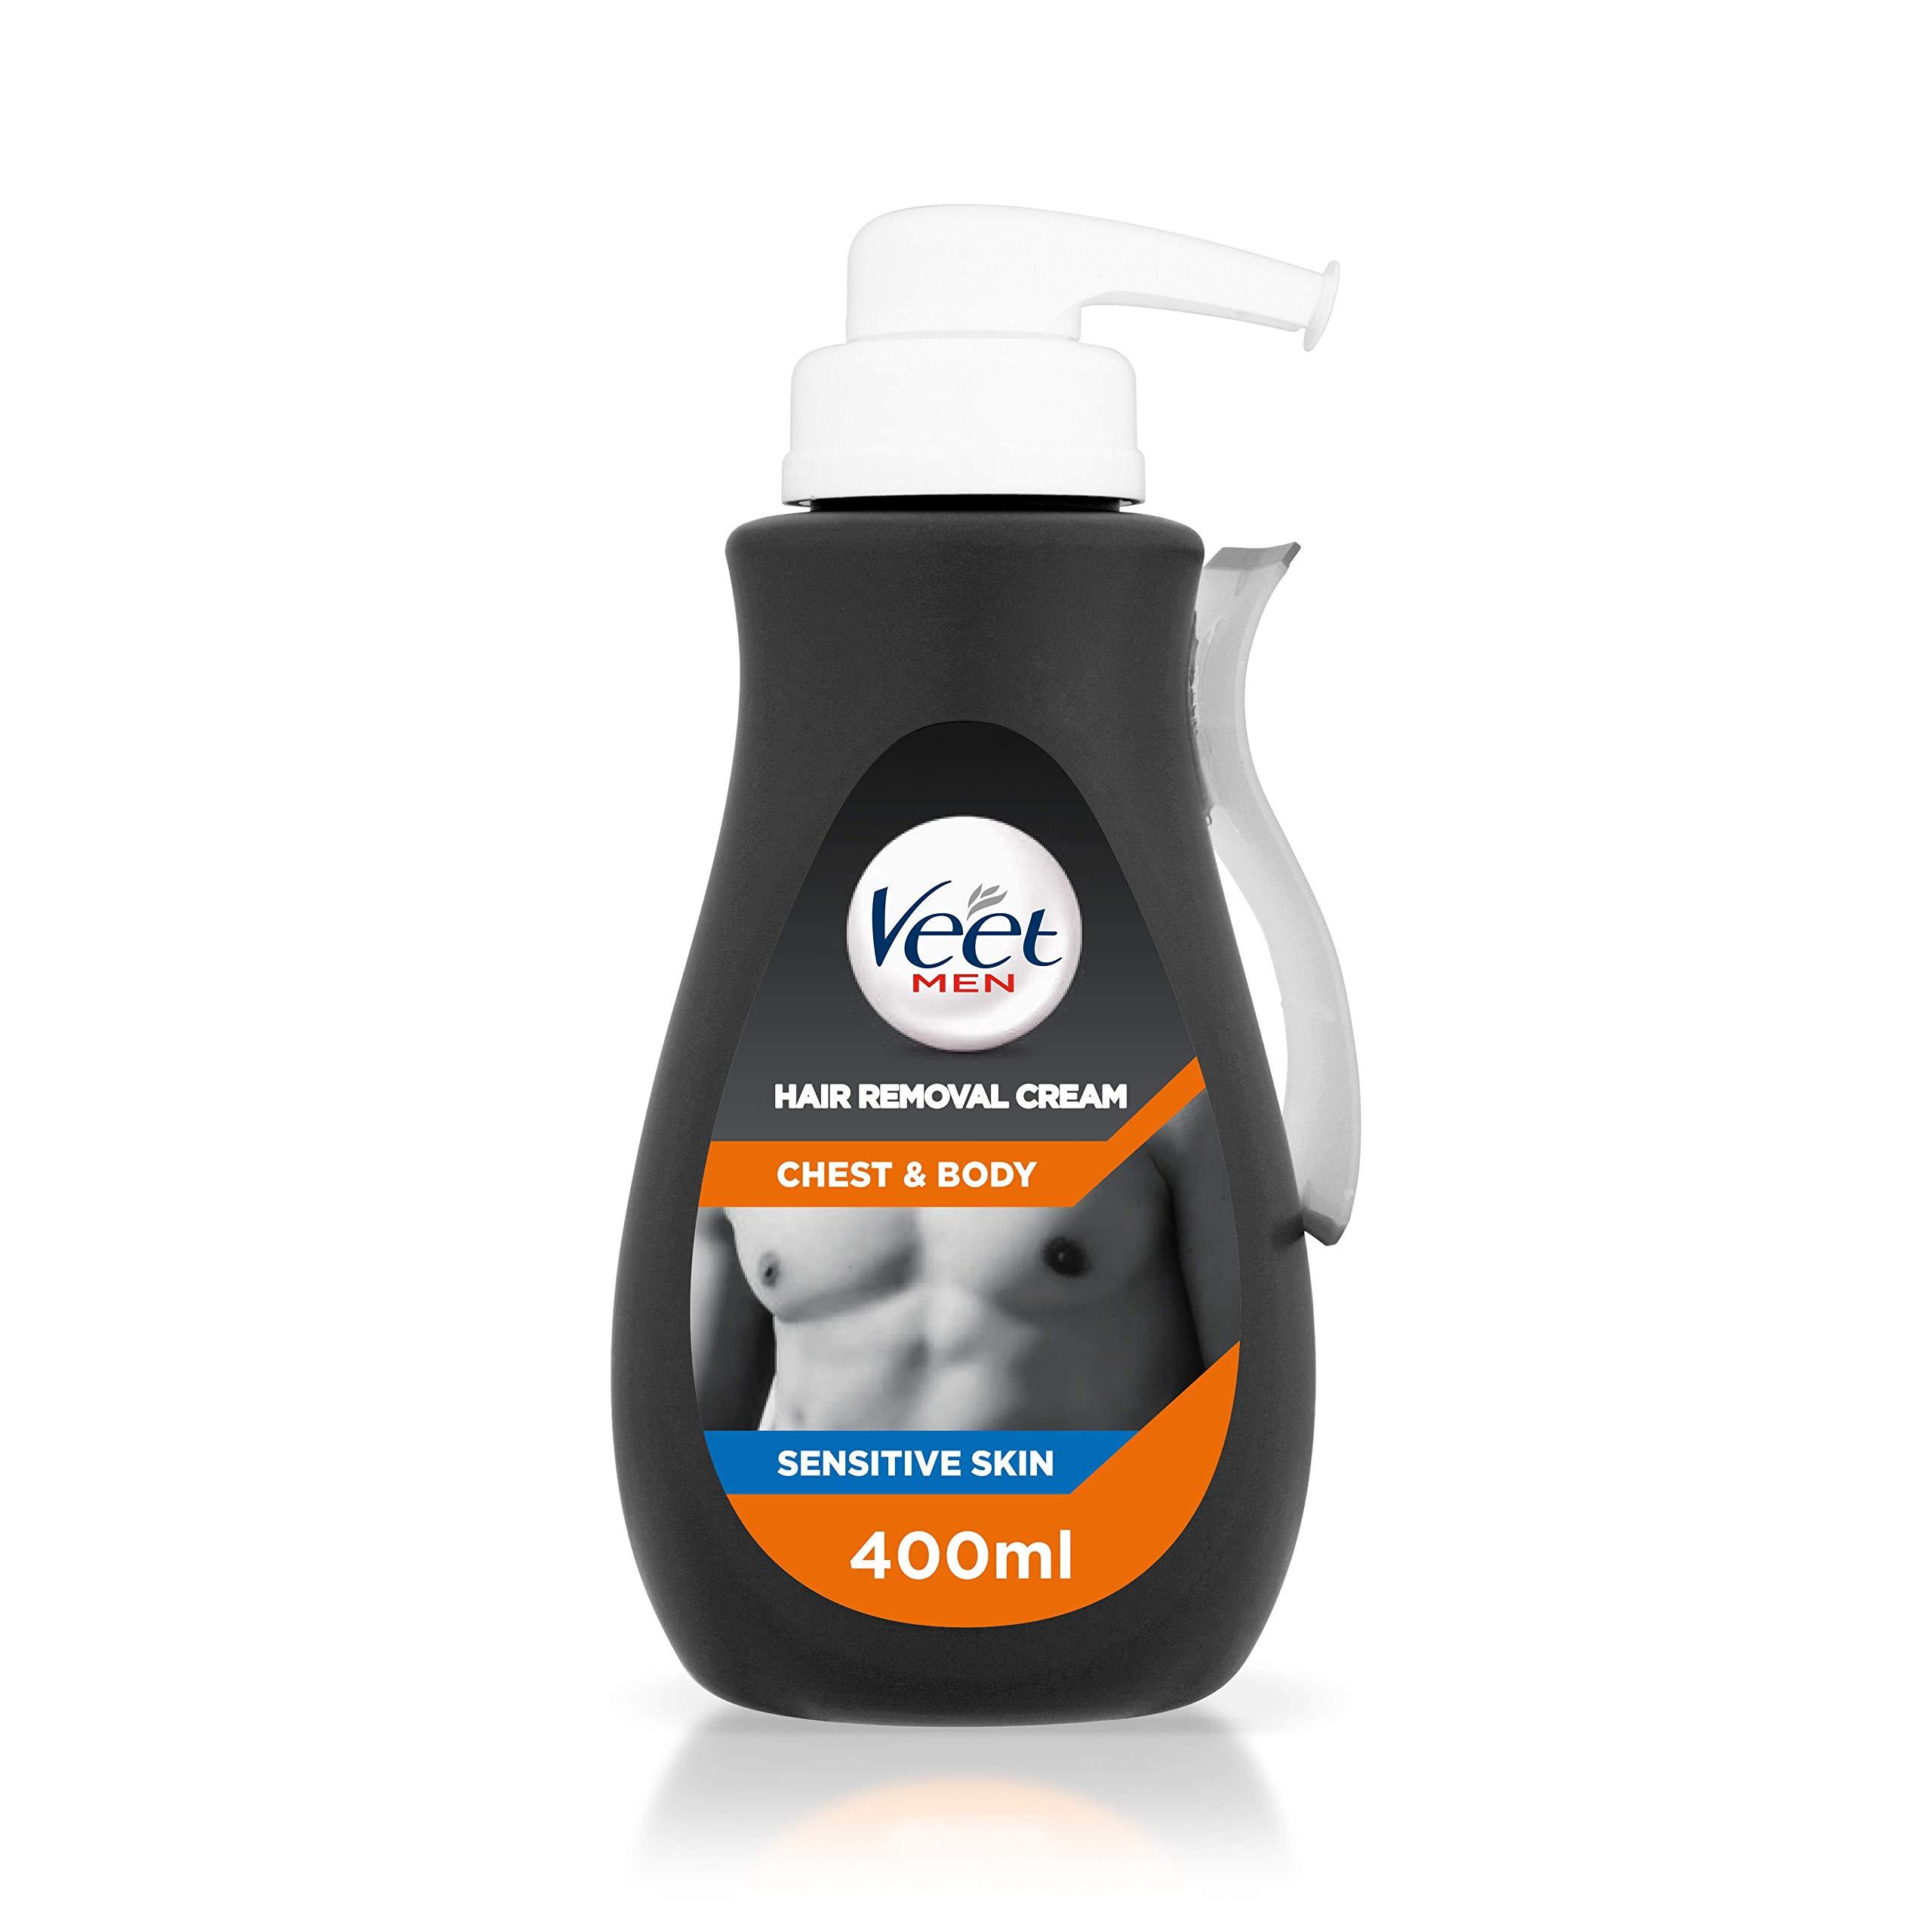 Veet Men Hair Removal Cream Chest & Body, 400 ml